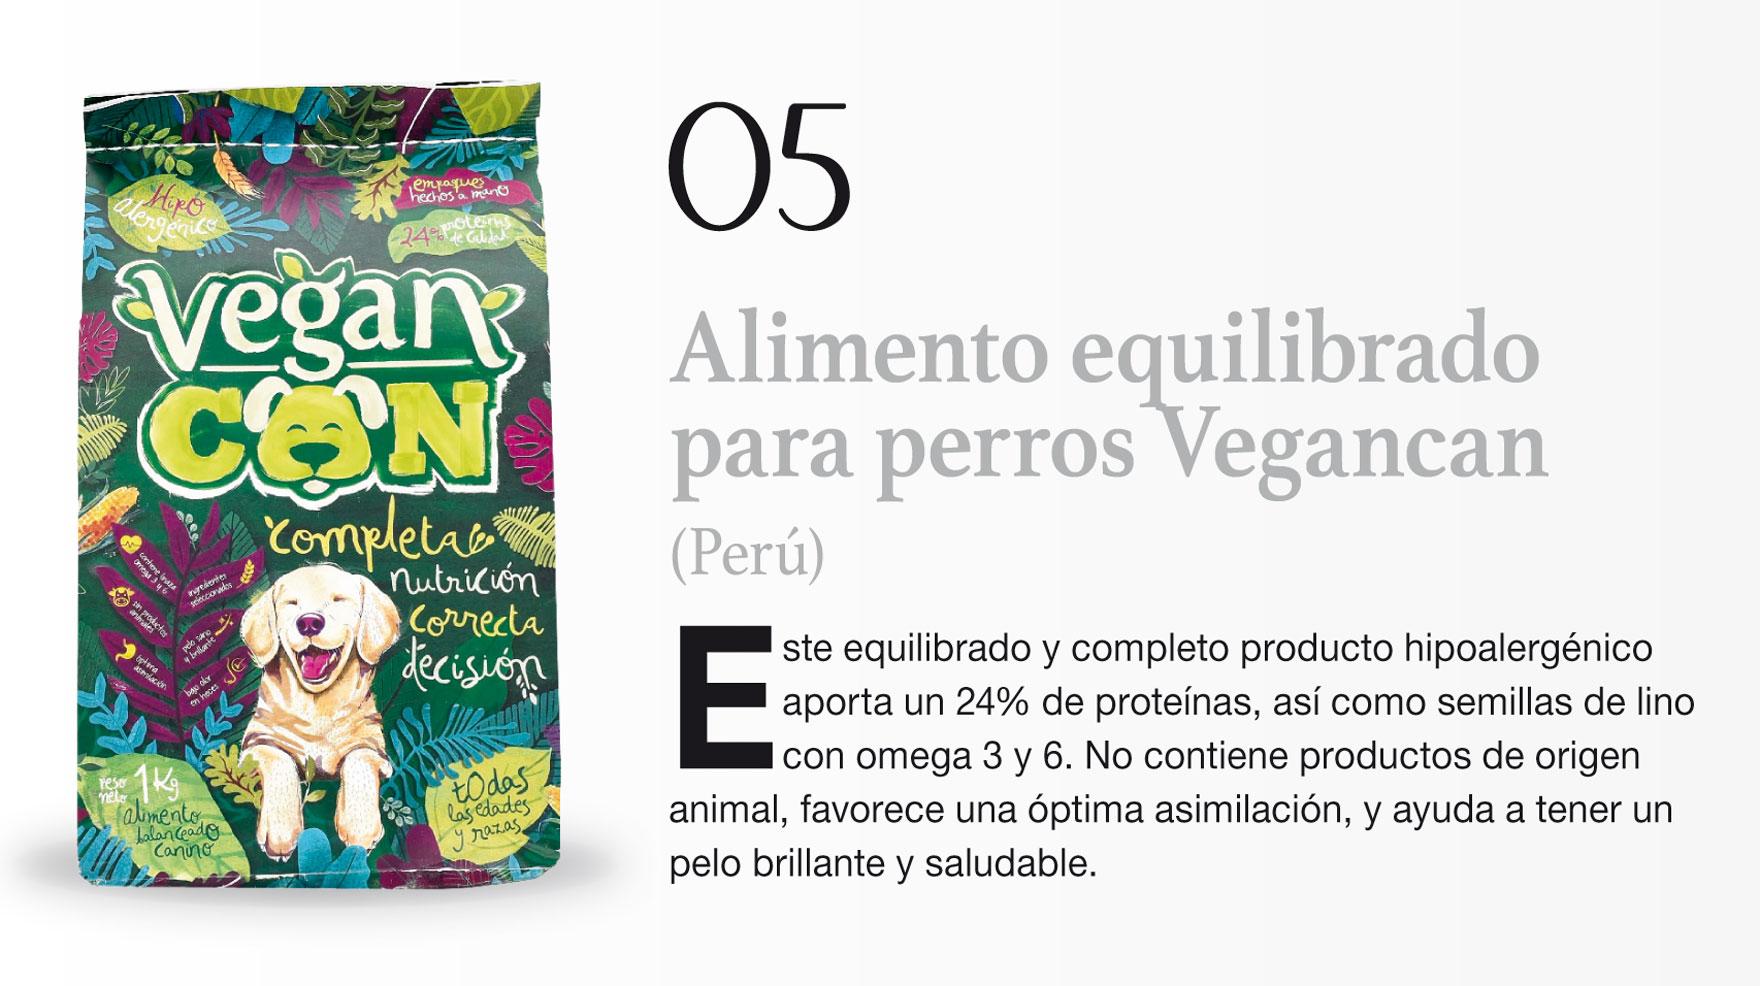 Alimento equilibrado para perros Vegancan (Perú)